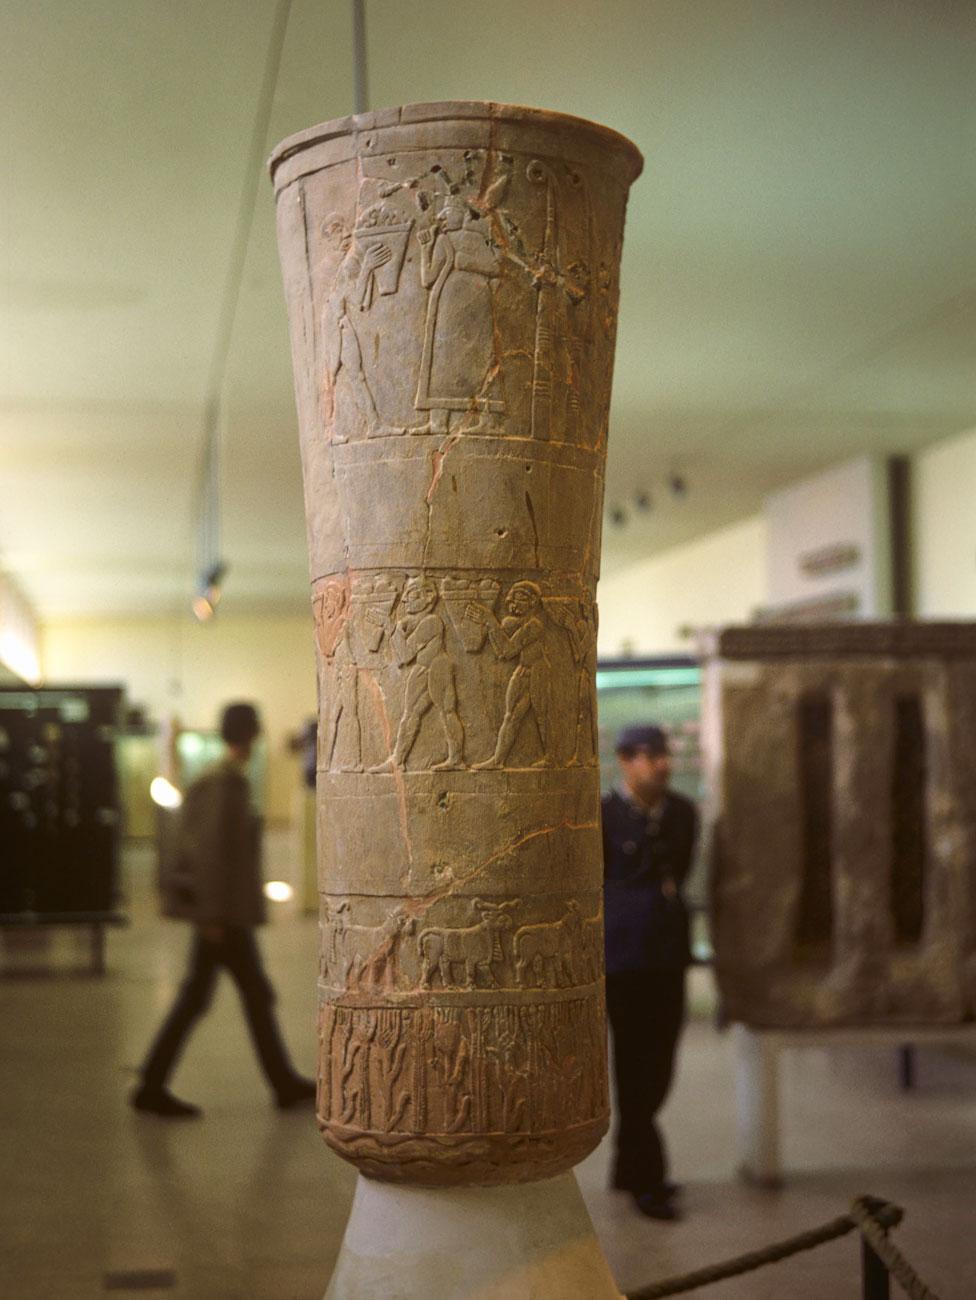 The Warka vase